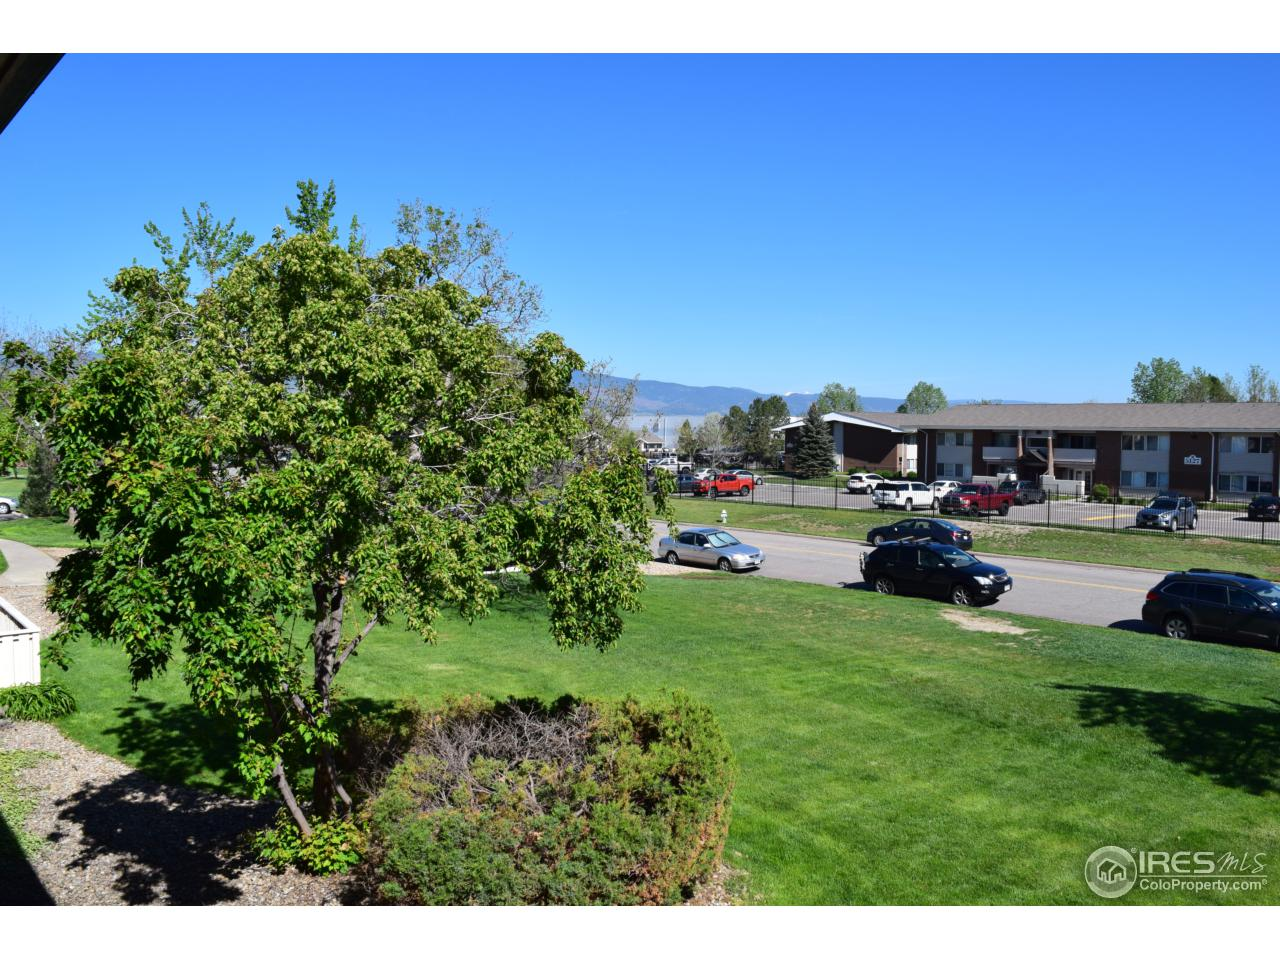 5126 Williams Fork Trl 204, Boulder, CO 80301